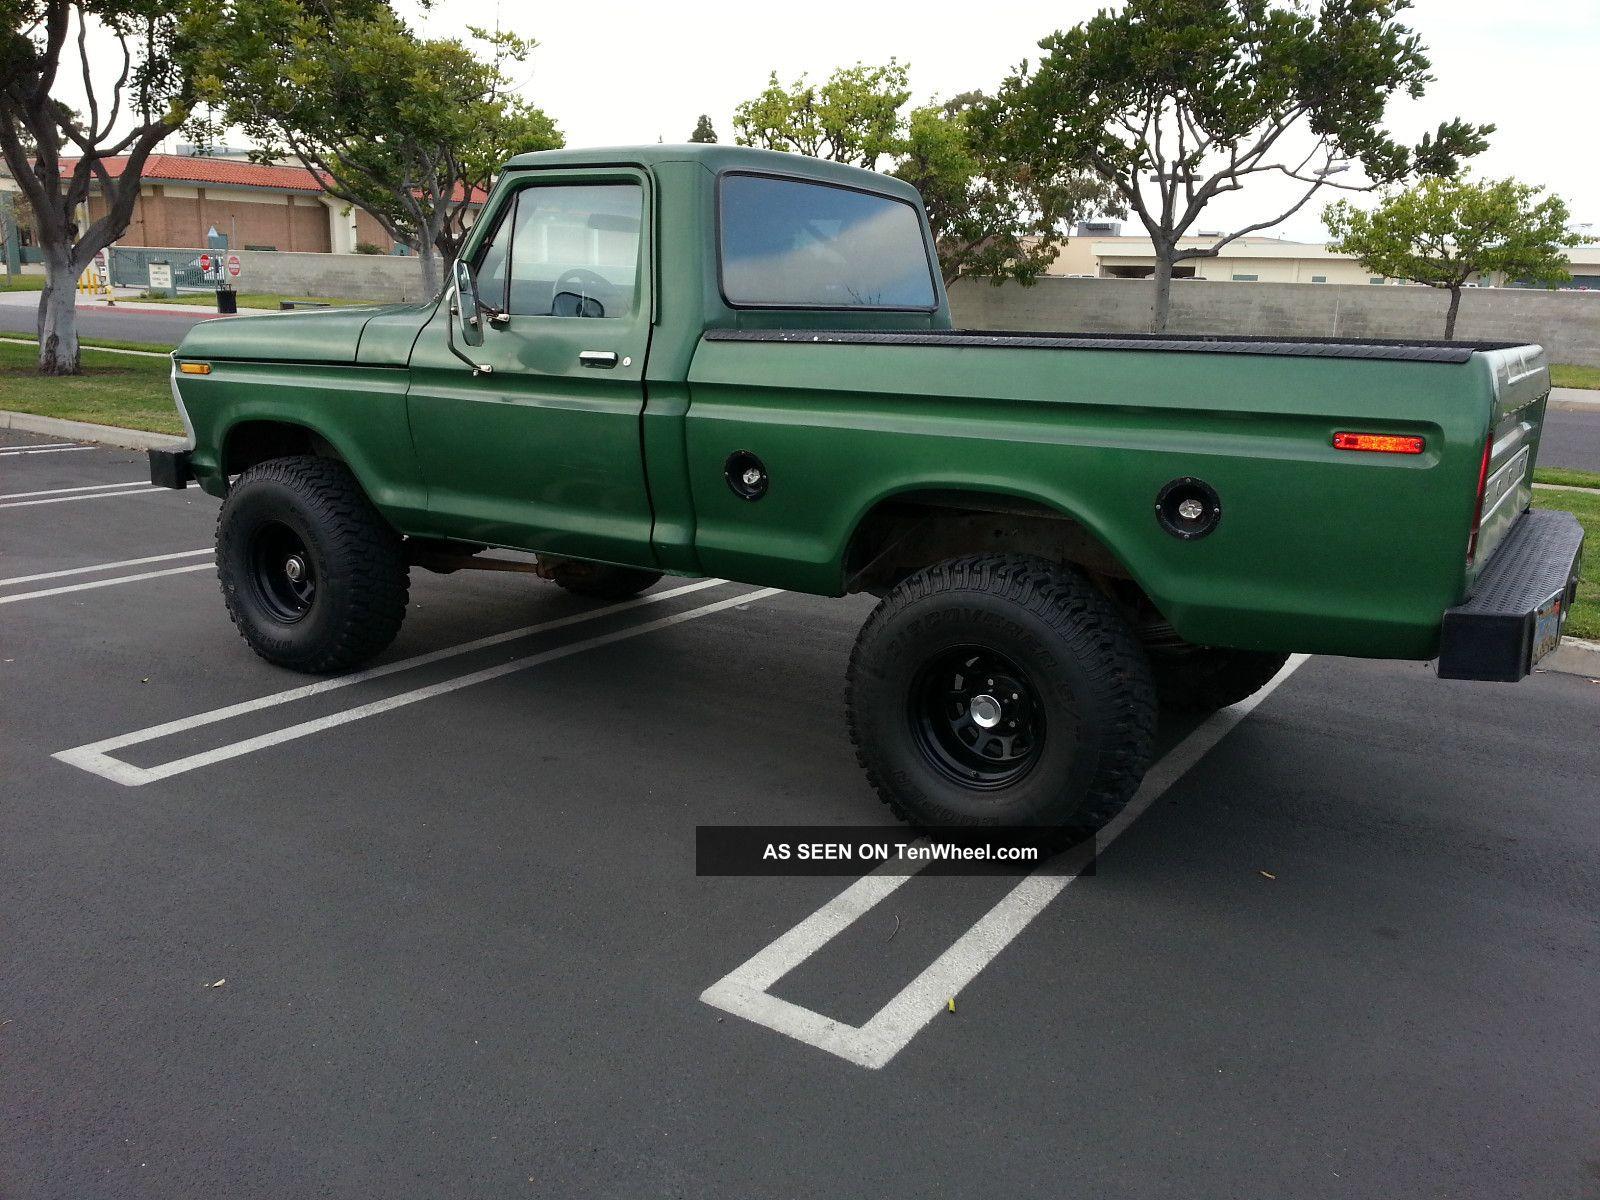 1975 Ford highboy truck